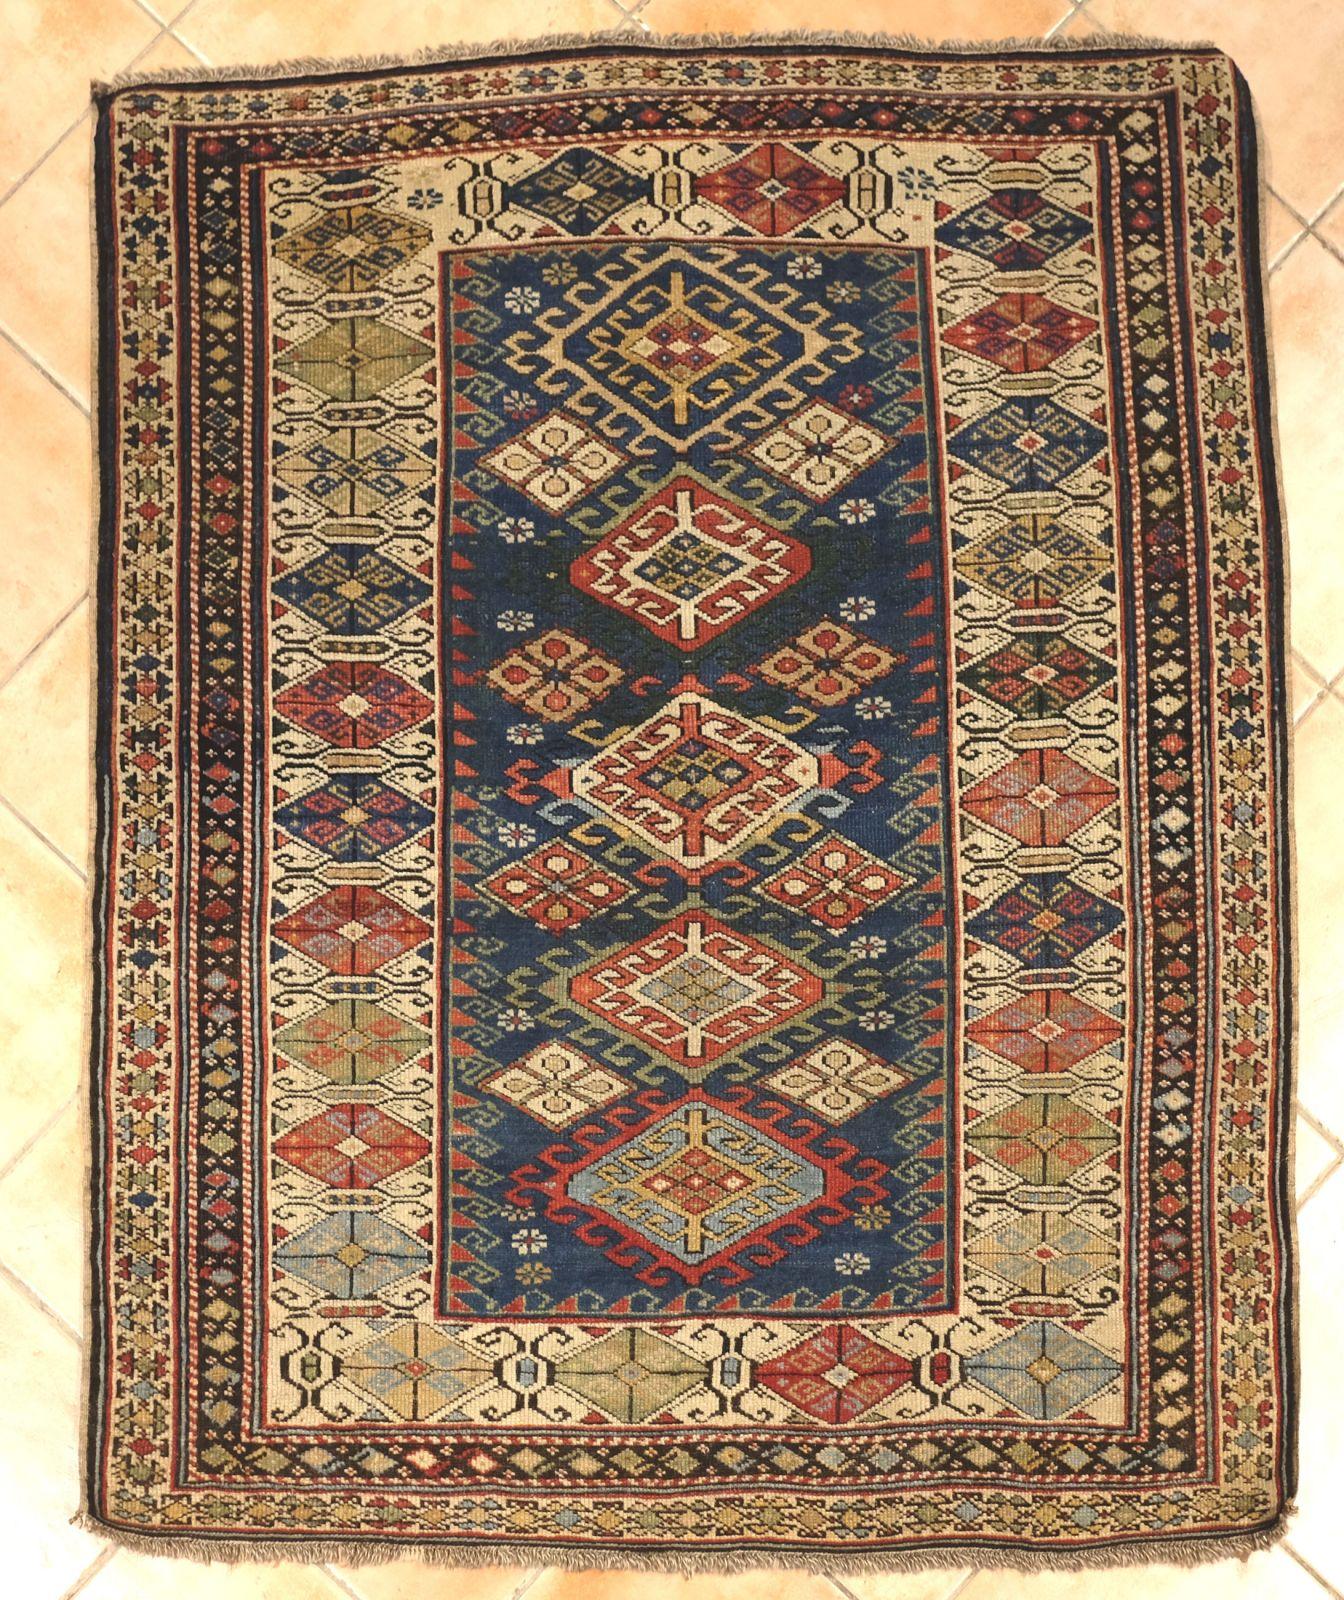 acheter un tapis ancien caucase marseille tapis jean louis goy ce tapis set de la r gion du. Black Bedroom Furniture Sets. Home Design Ideas